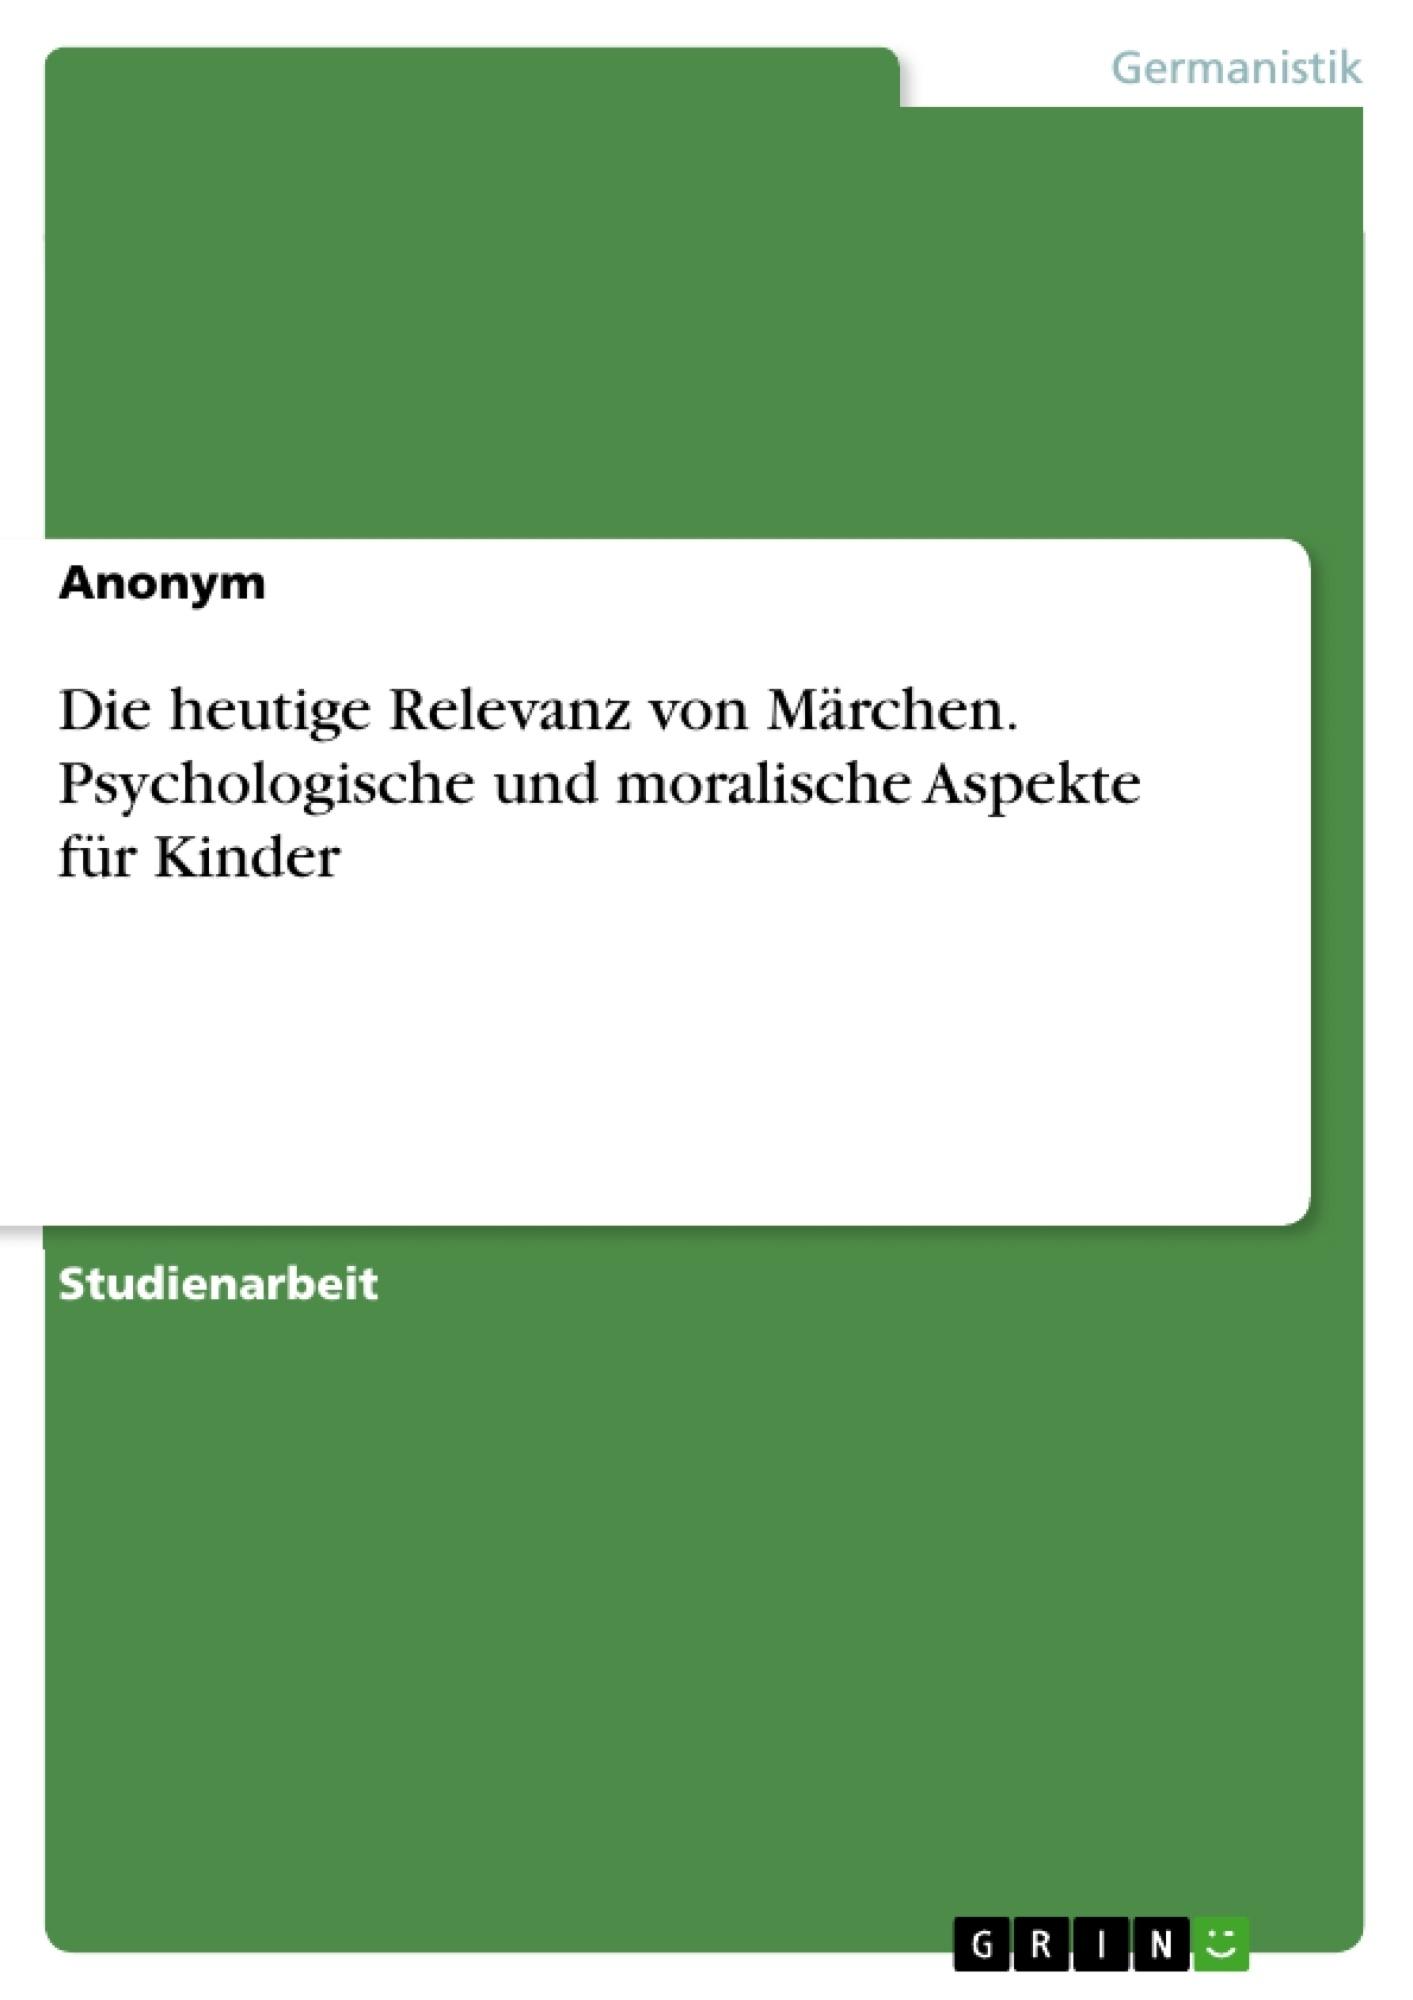 Titel: Die heutige Relevanz von Märchen. Psychologische und moralische Aspekte für Kinder